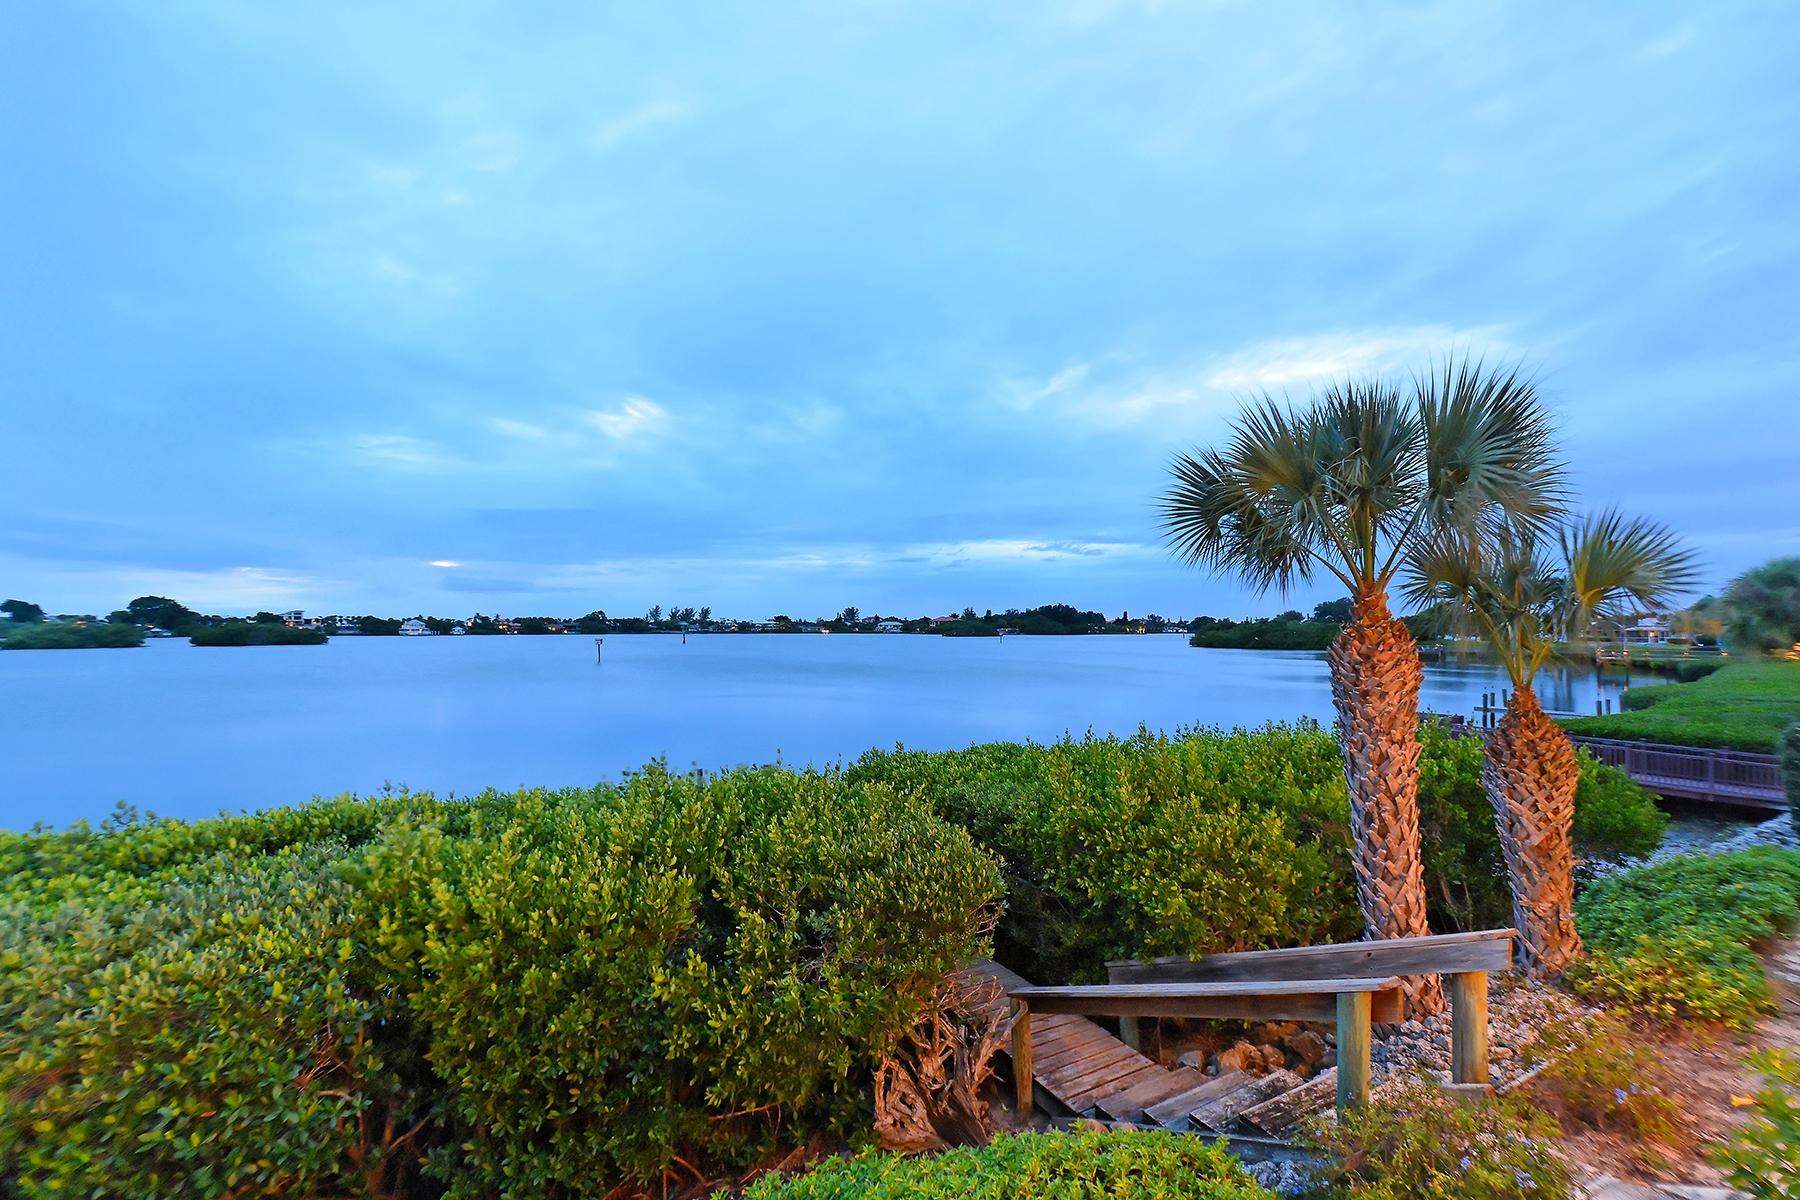 Maison unifamiliale pour l Vente à SOUTHBAY YACHT AND RACQUET CLUB 285 Lookout Point Dr Osprey, Florida 34229 États-Unis